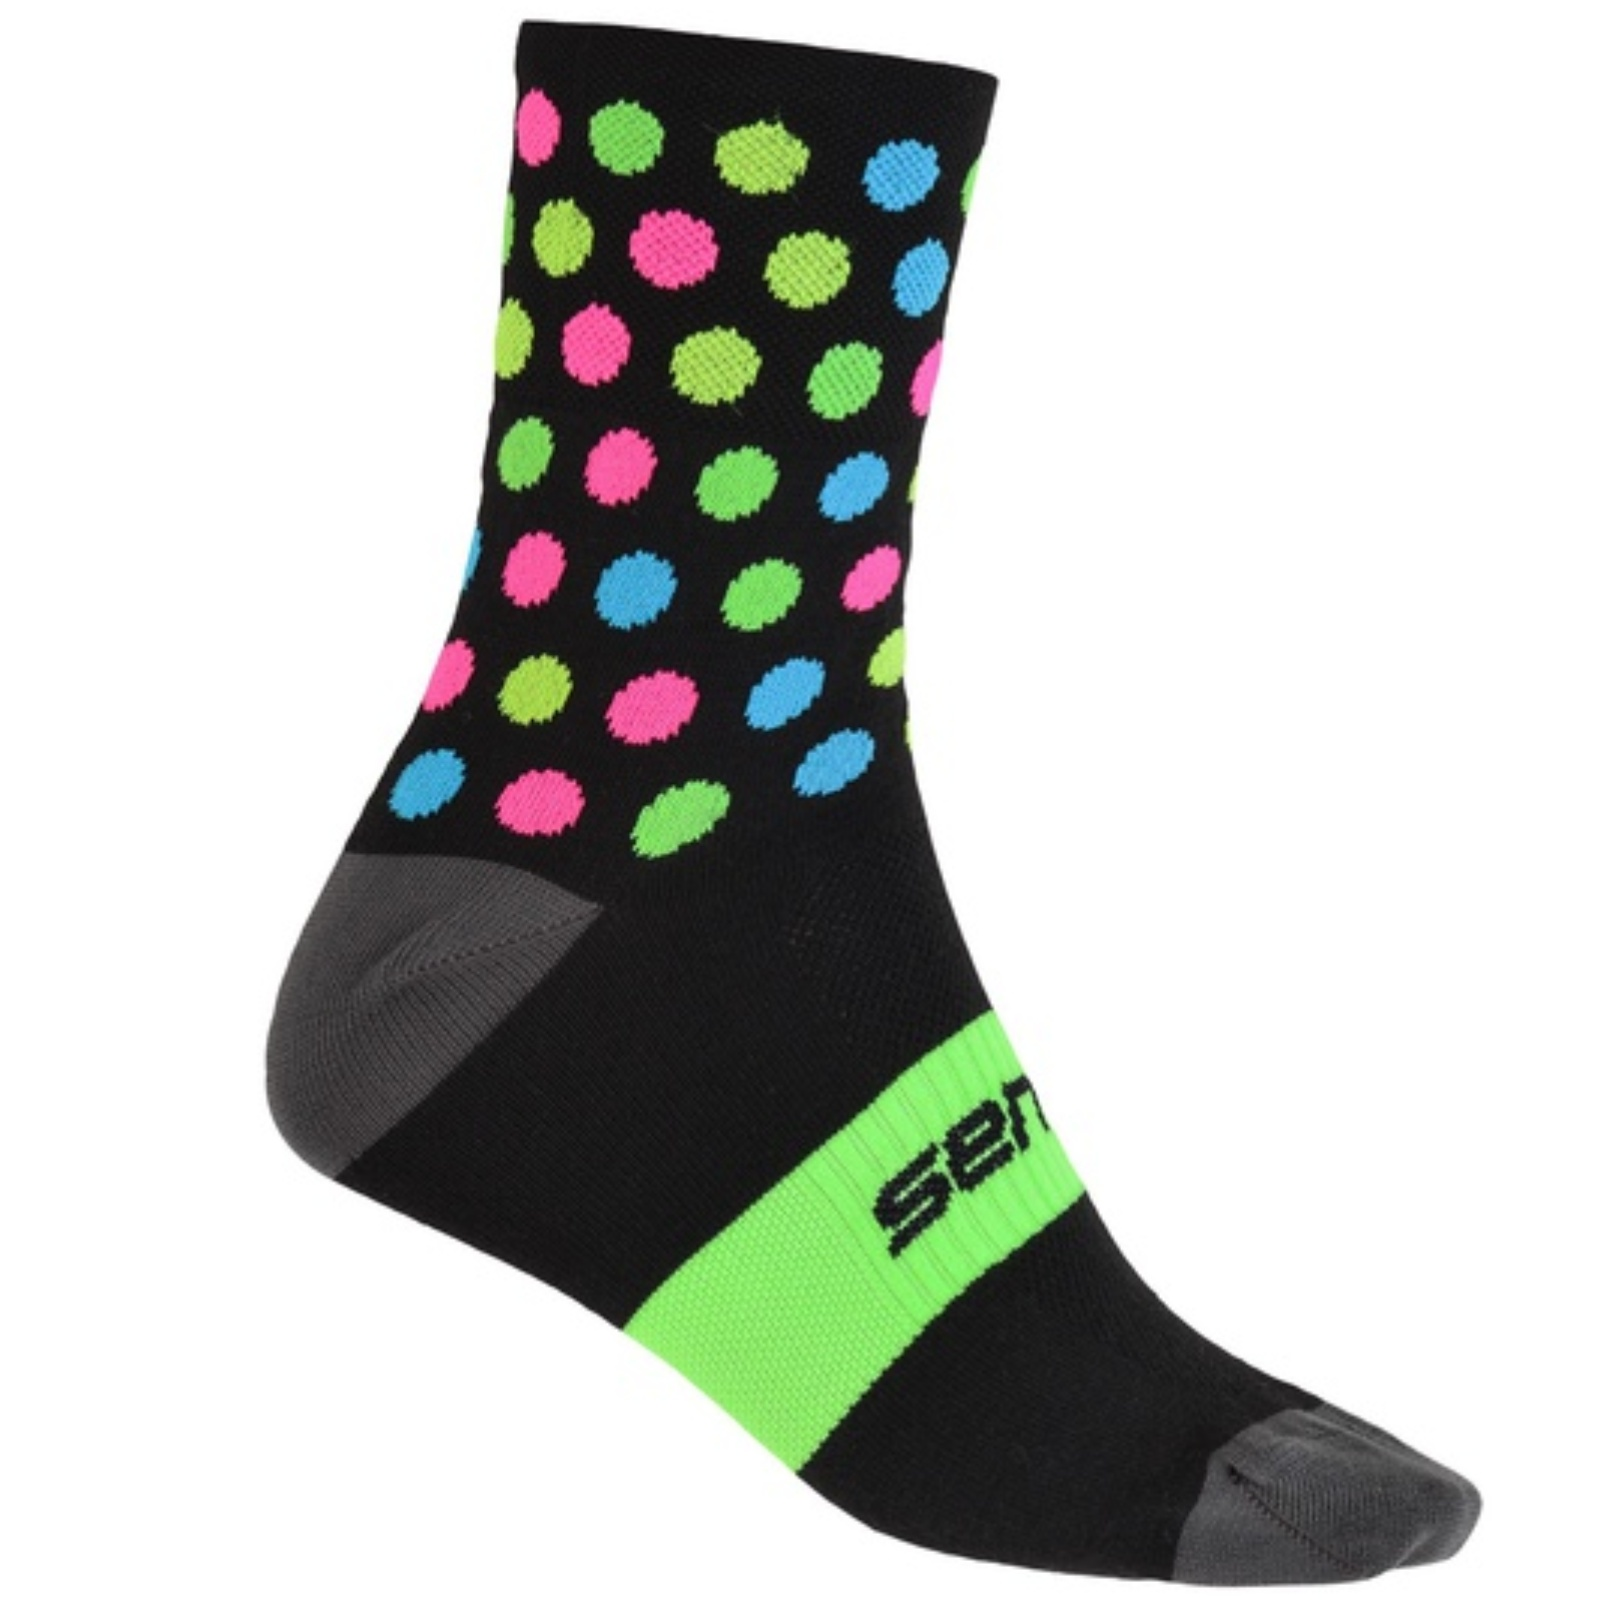 Sensor ponožky DOTS černá-multi